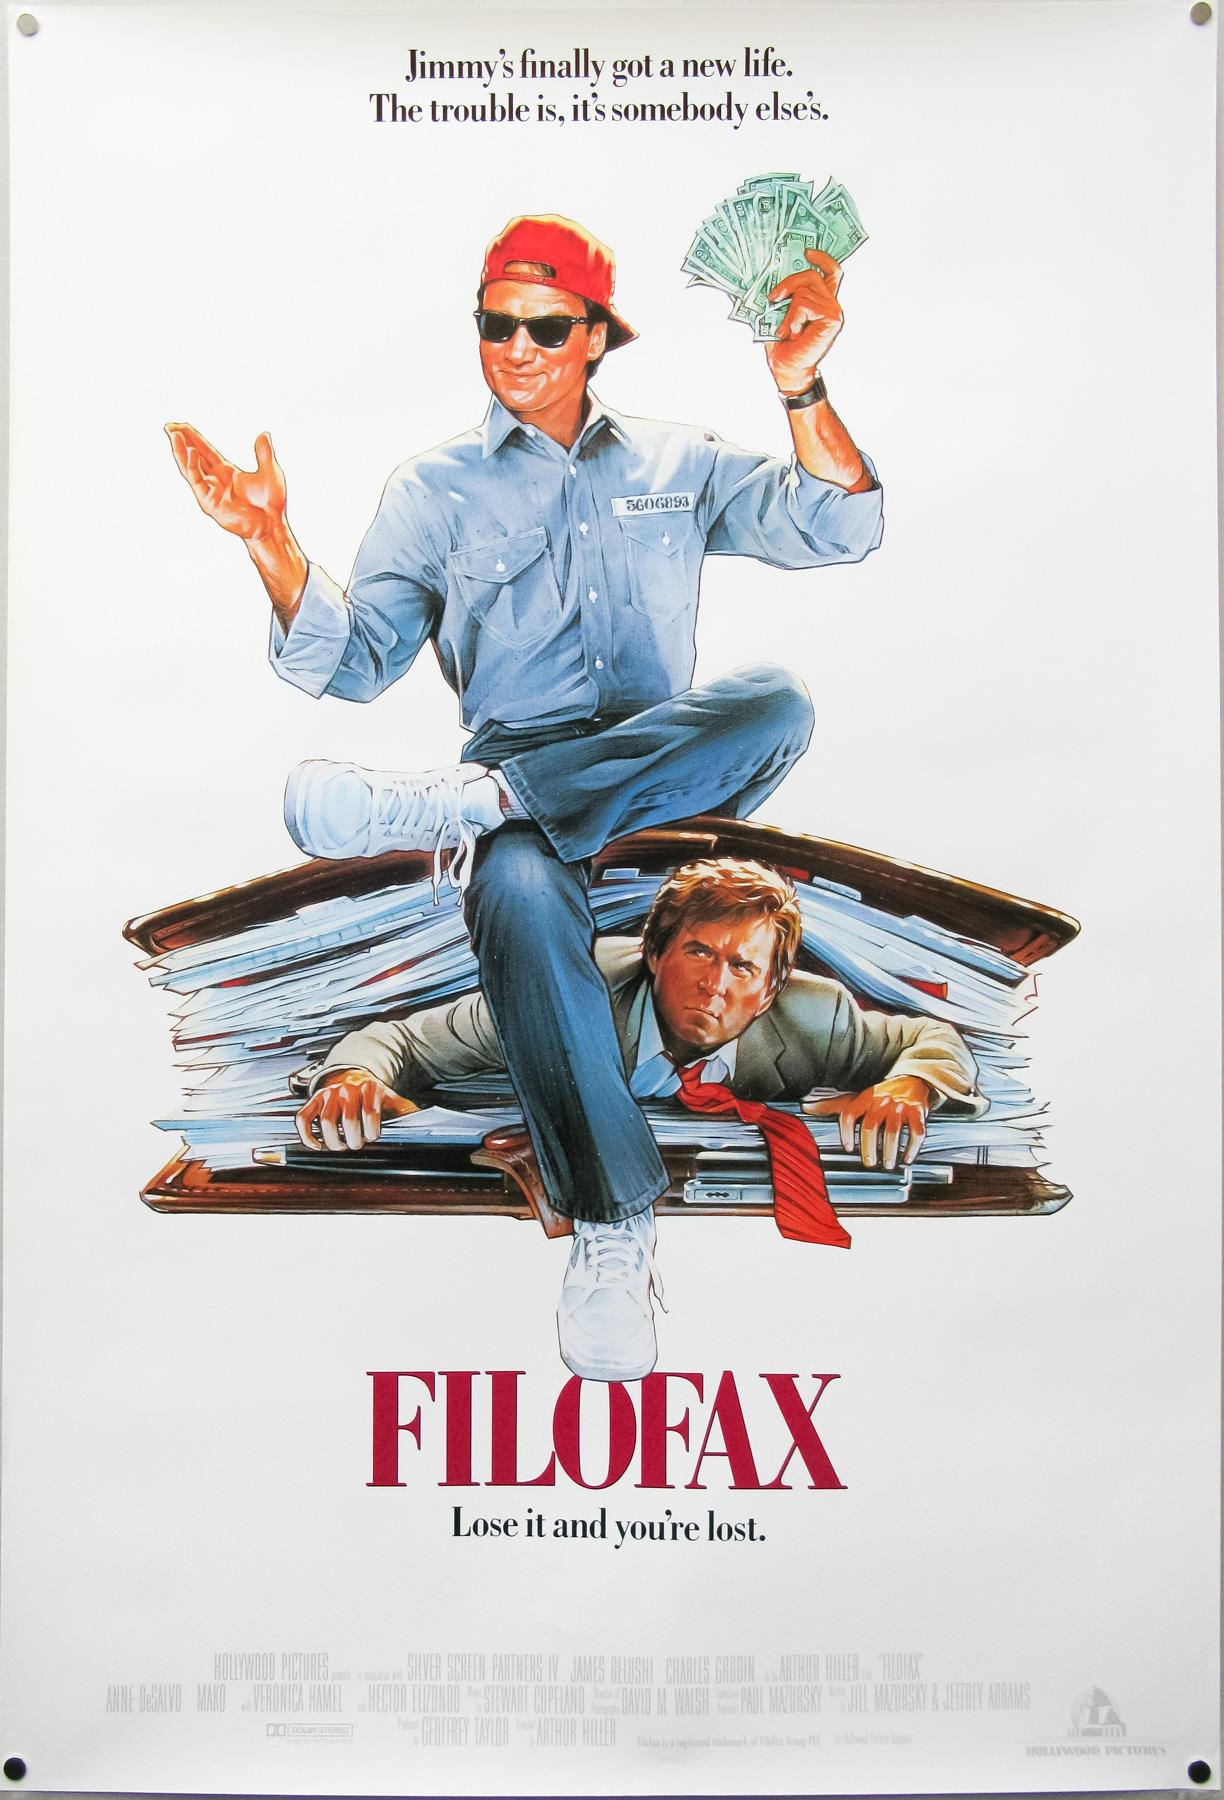 Filofax Film